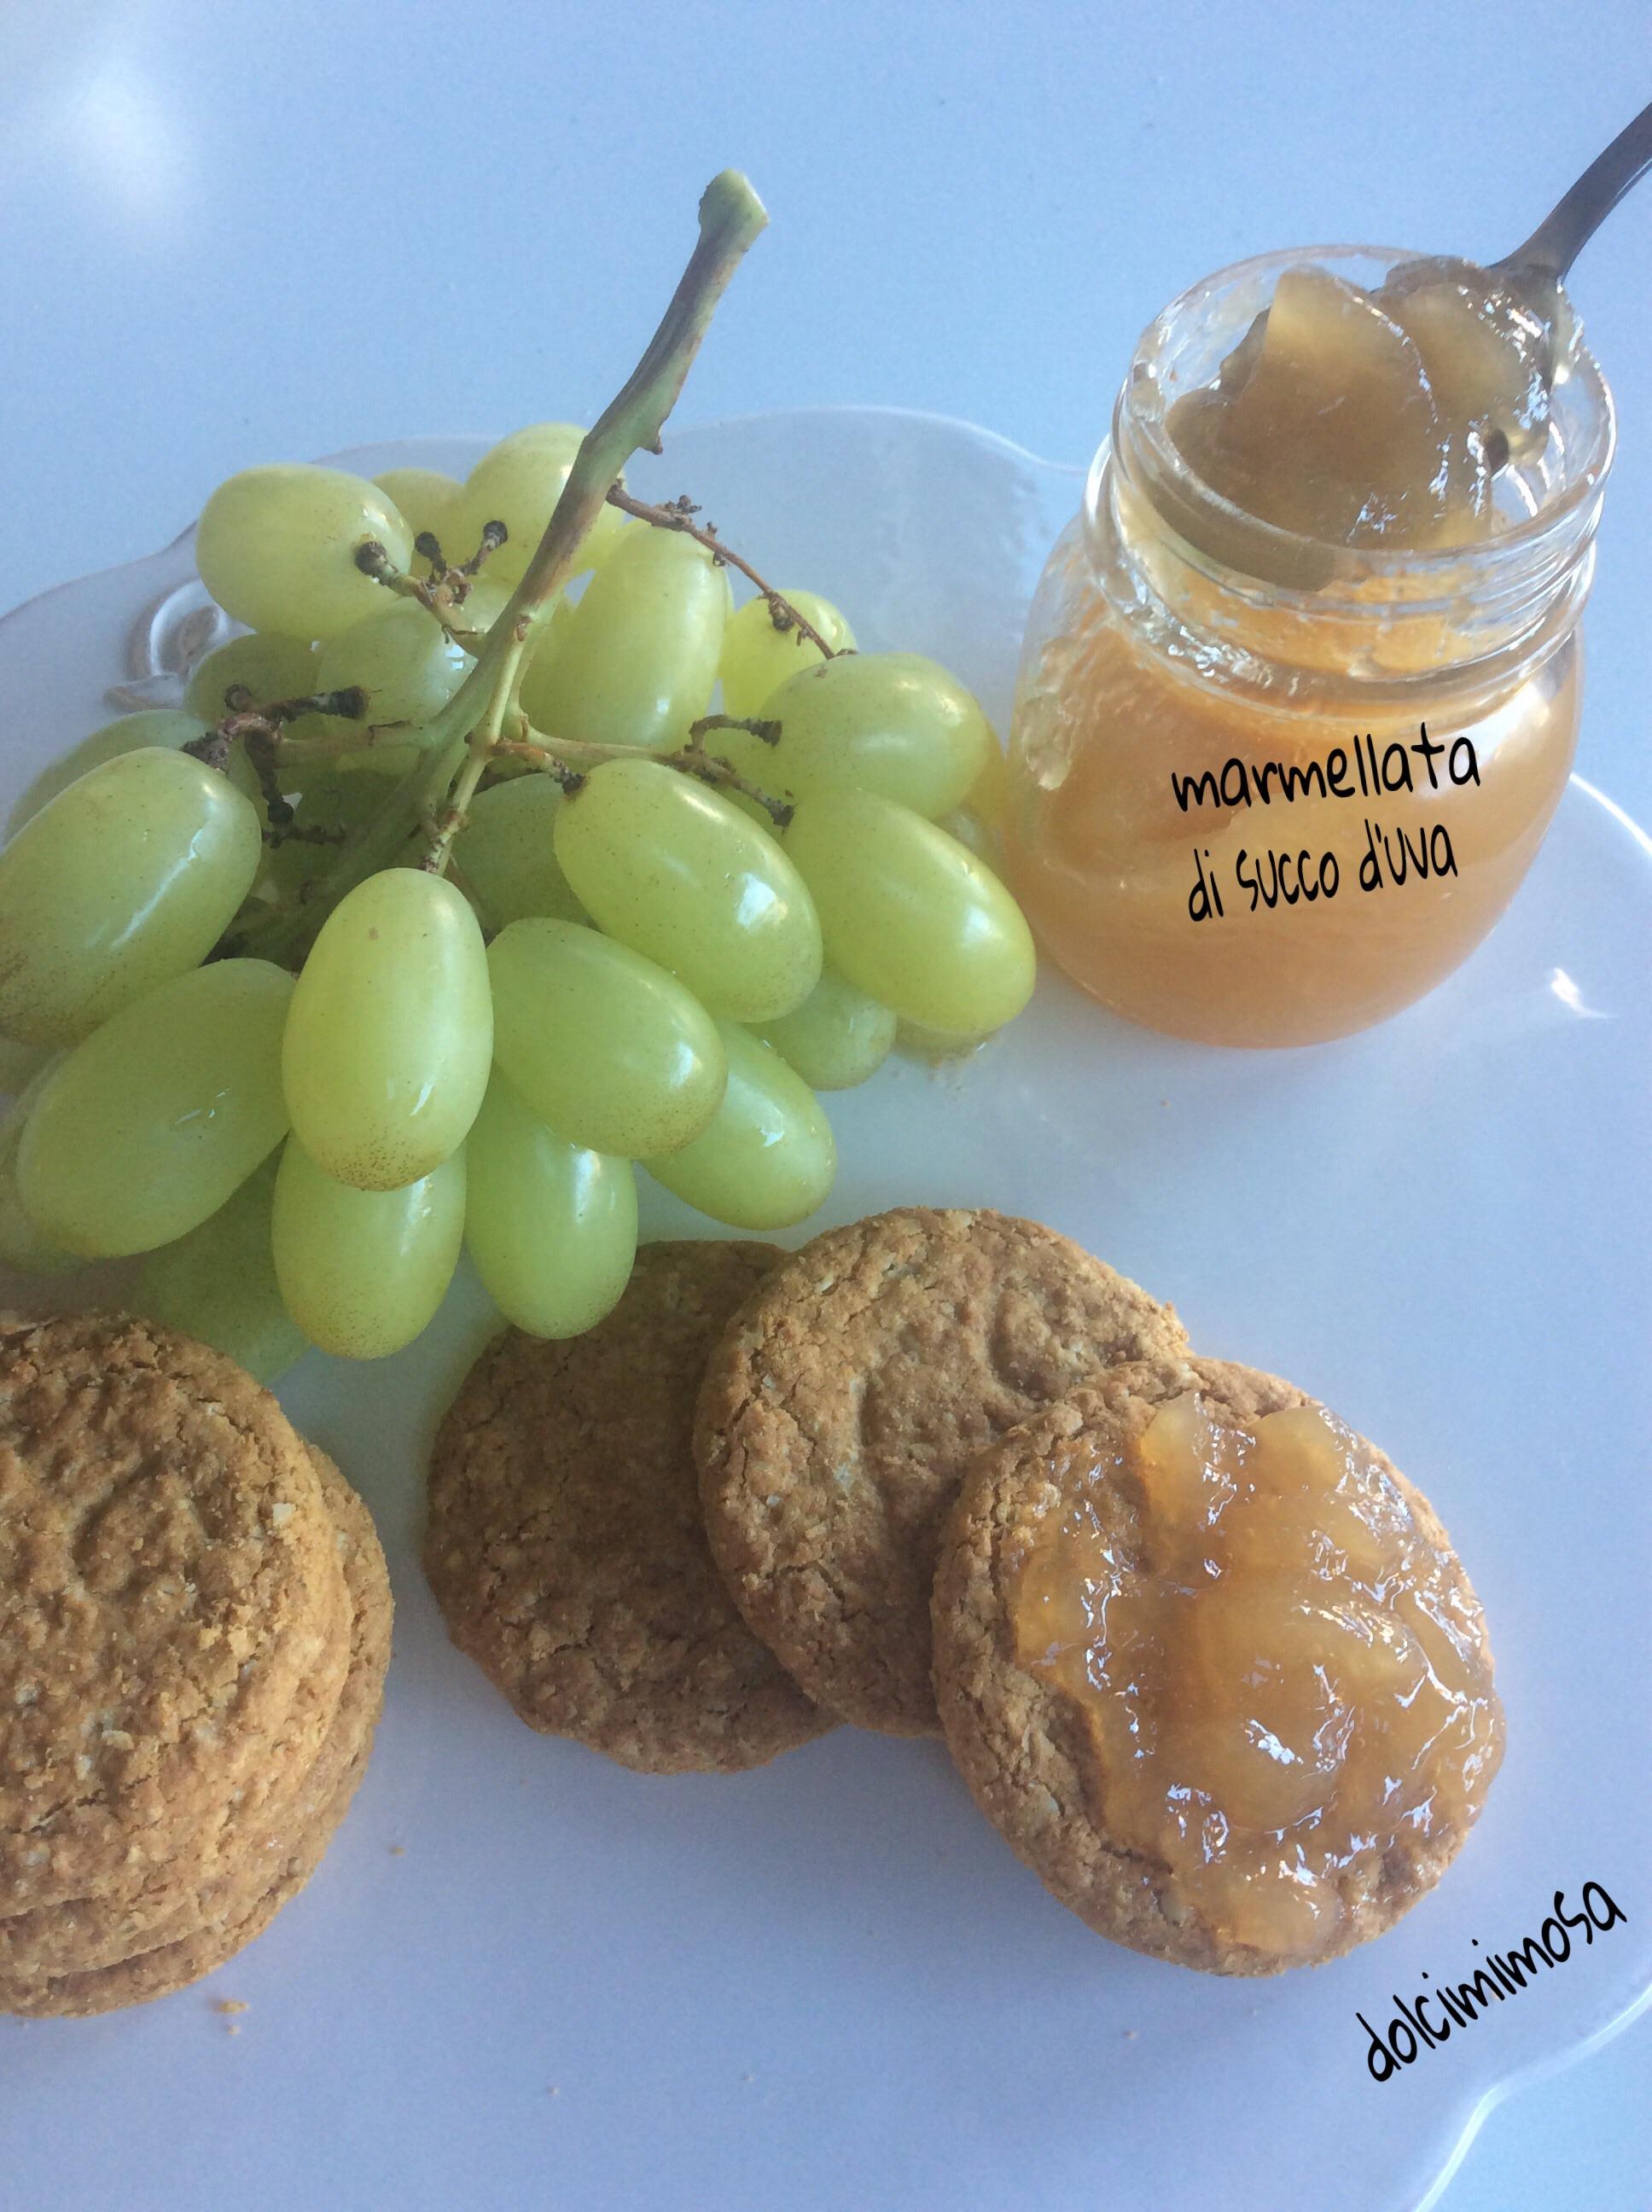 marmellata di succo d'uva